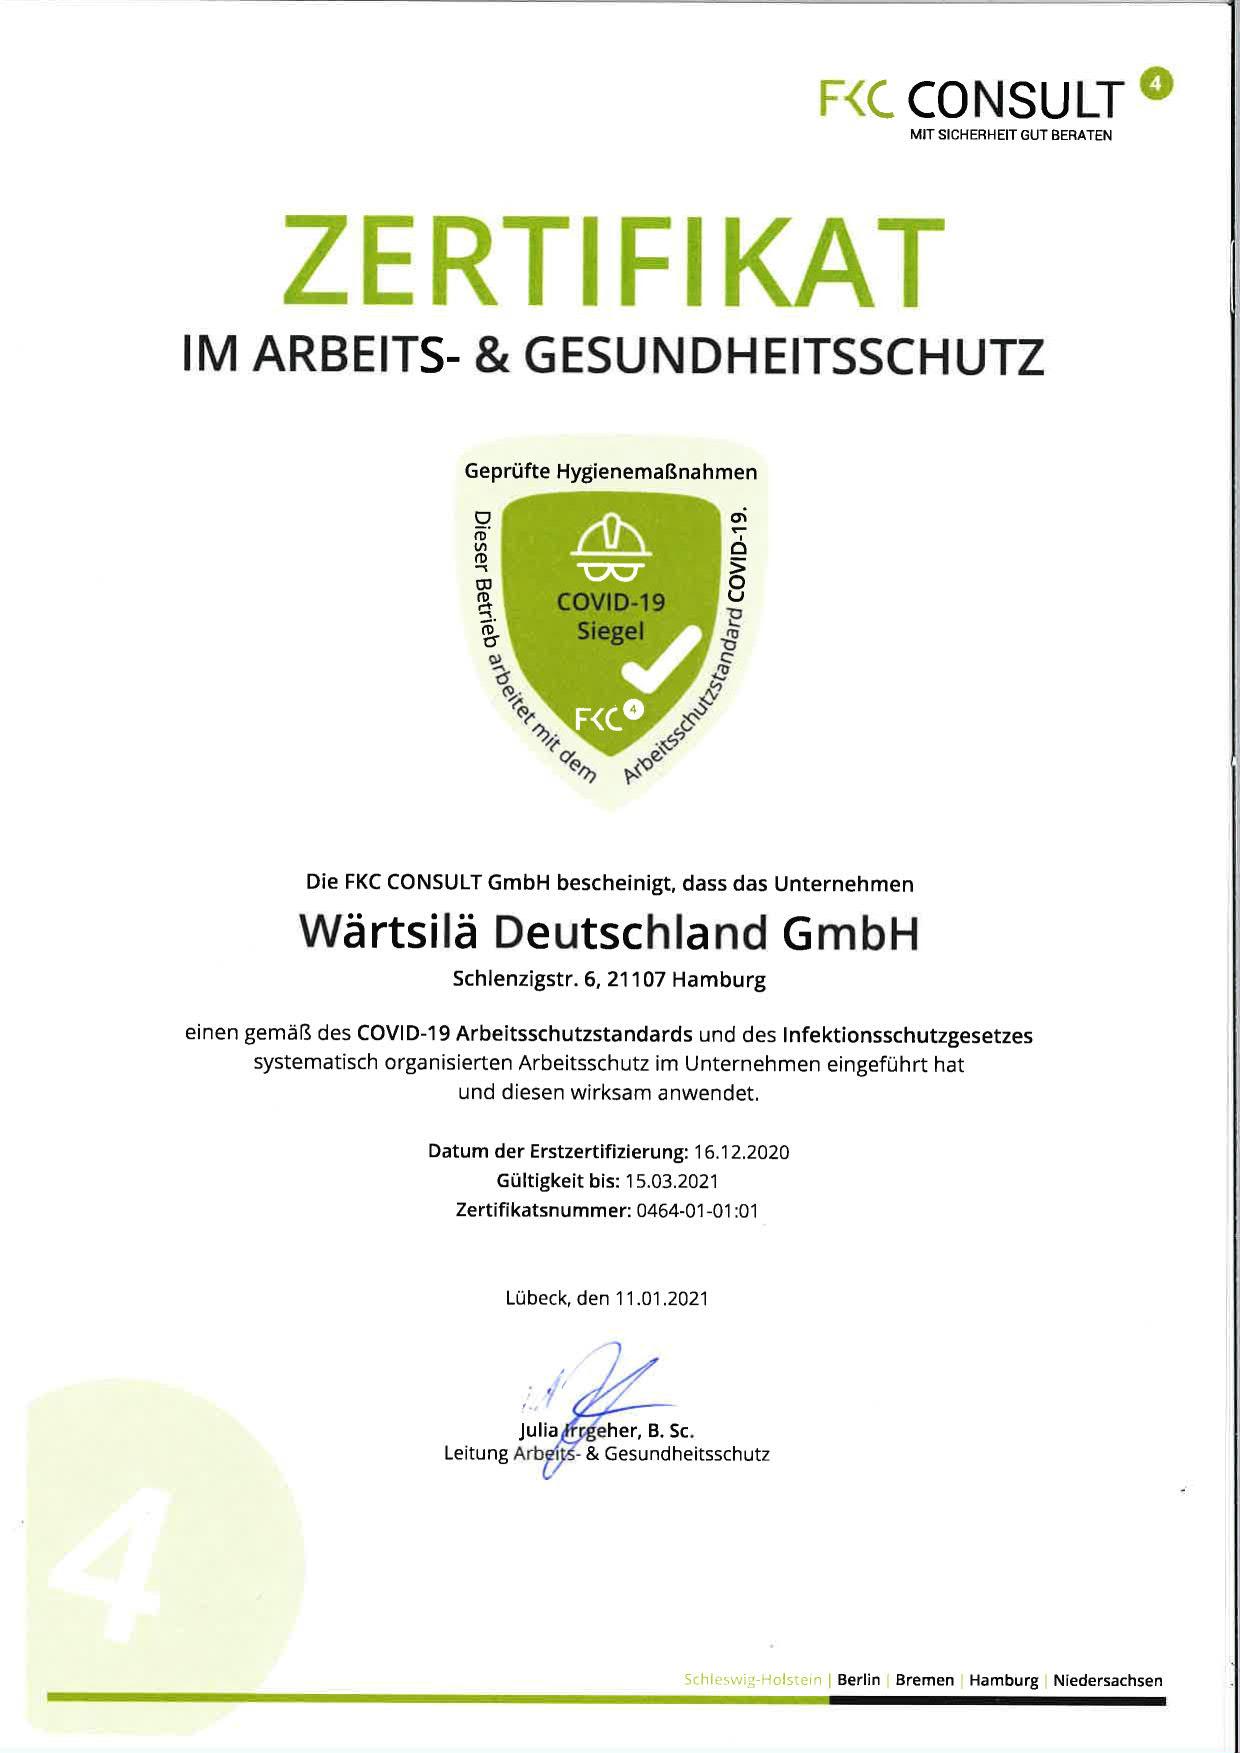 WDE Zertifikat im Arbeits- und Gesundheitsschutz